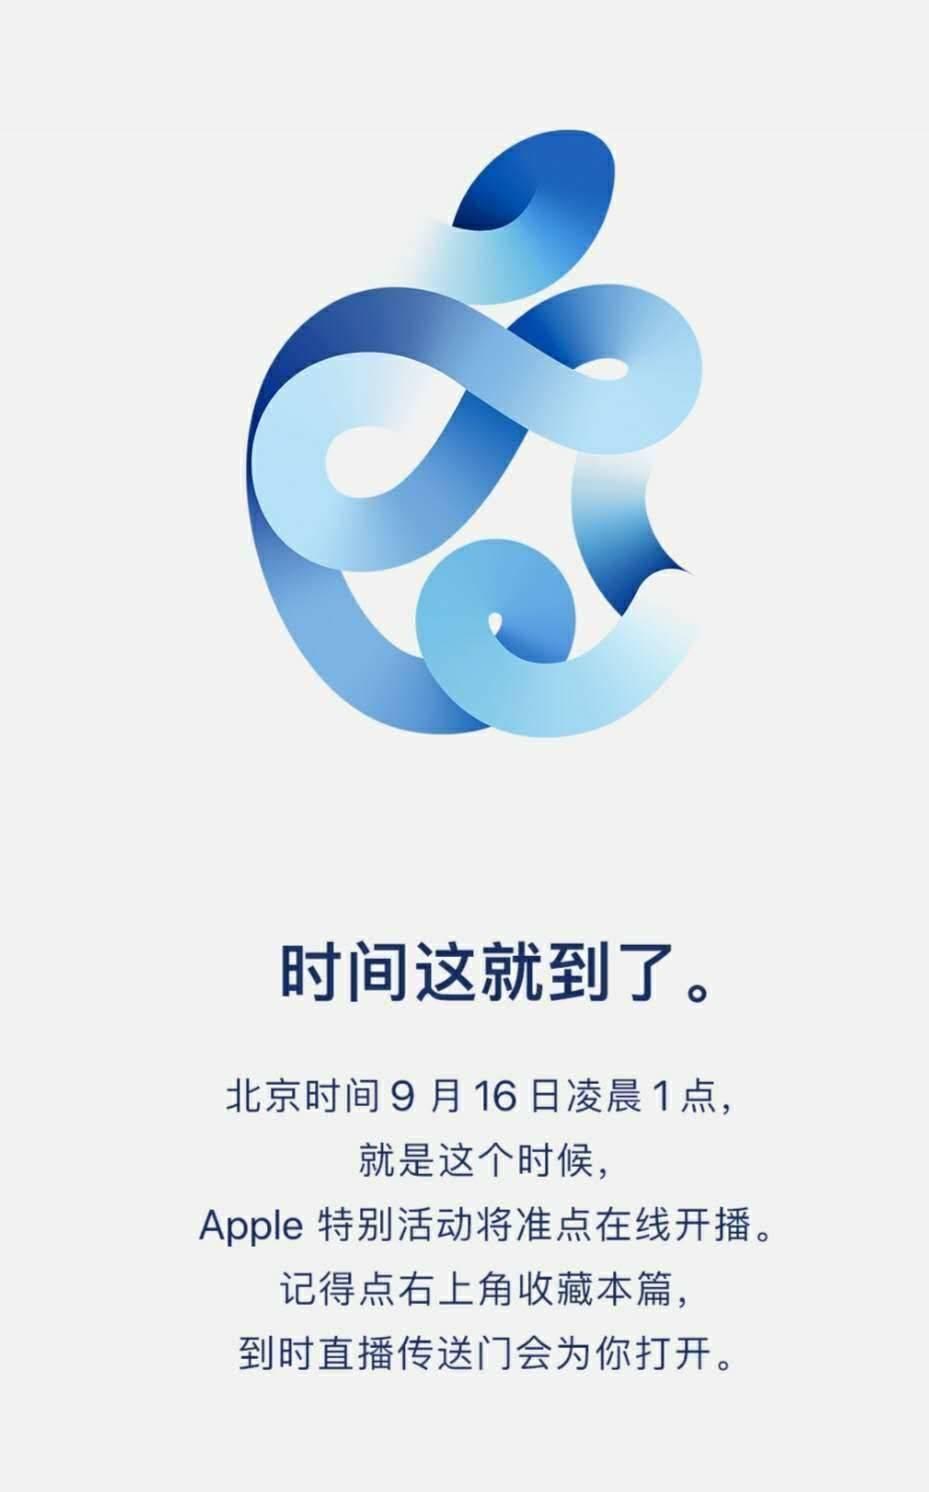 《【天富公司】特斯拉暴跌 21%,市值蒸发 800 亿美元;苹果或 9 月 16 日发 iPhone 12;Android 11 发 ...》